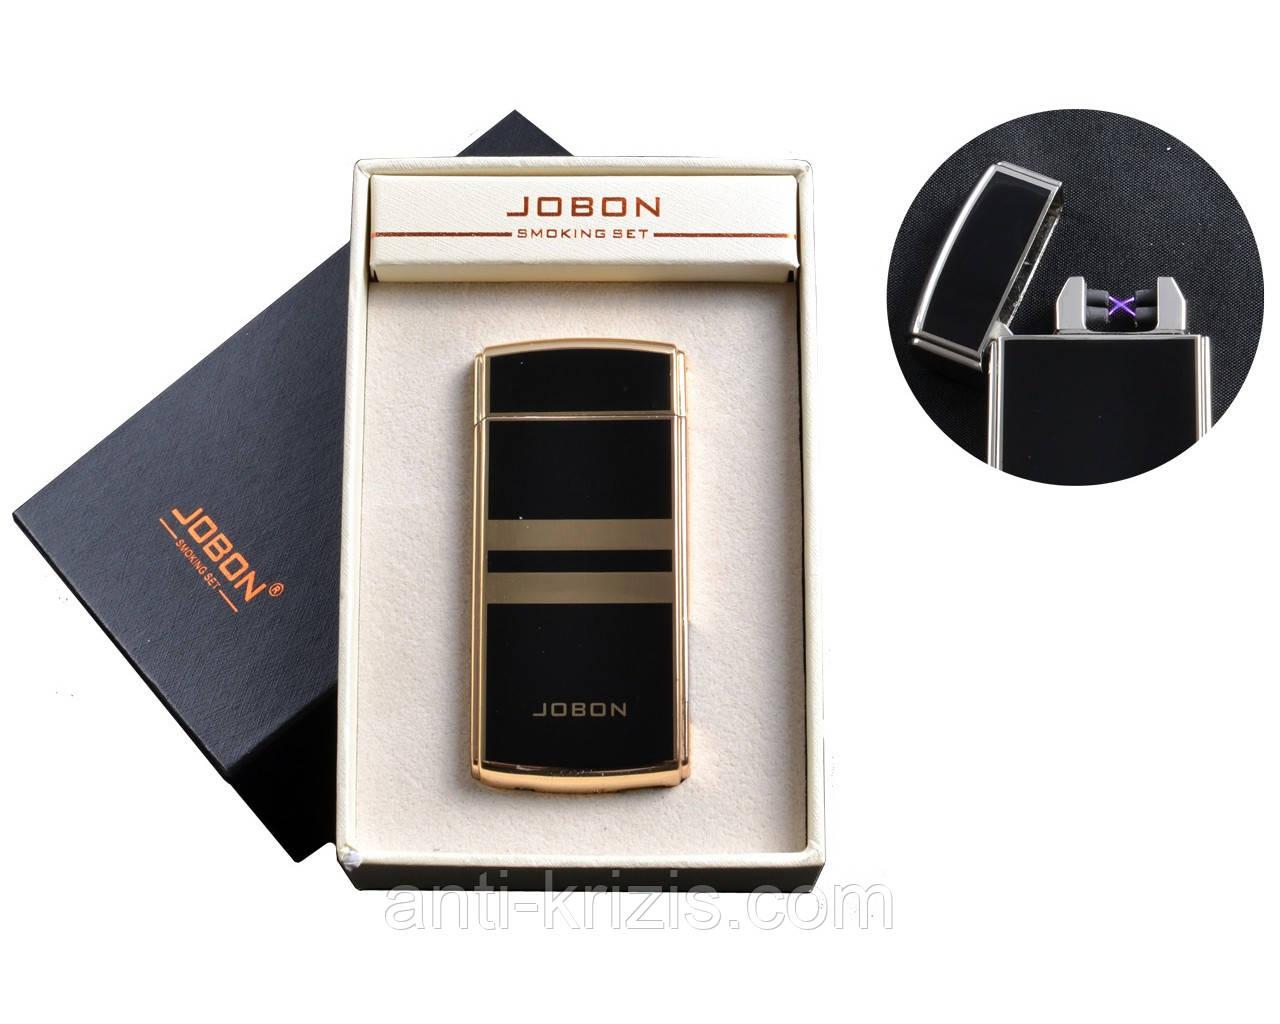 USB зажигалка с двумя перекрестными молниями и счетчиком использования Jobon (Электроимпульсная) №4780-1